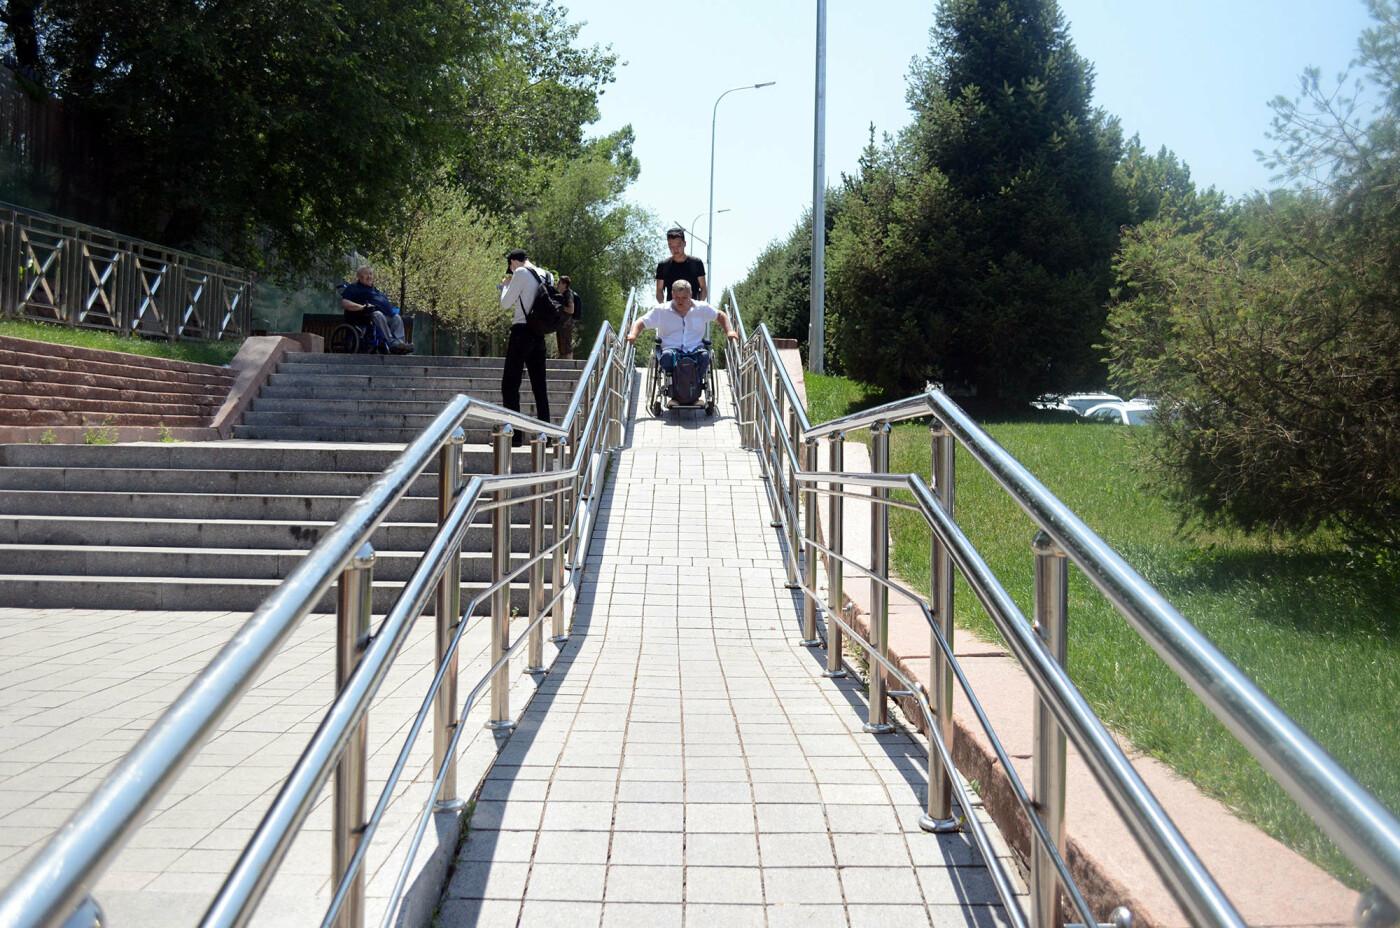 Улицы Алматы враждебны к инвалидам - оценка мониторинга Общественного совета, фото-1